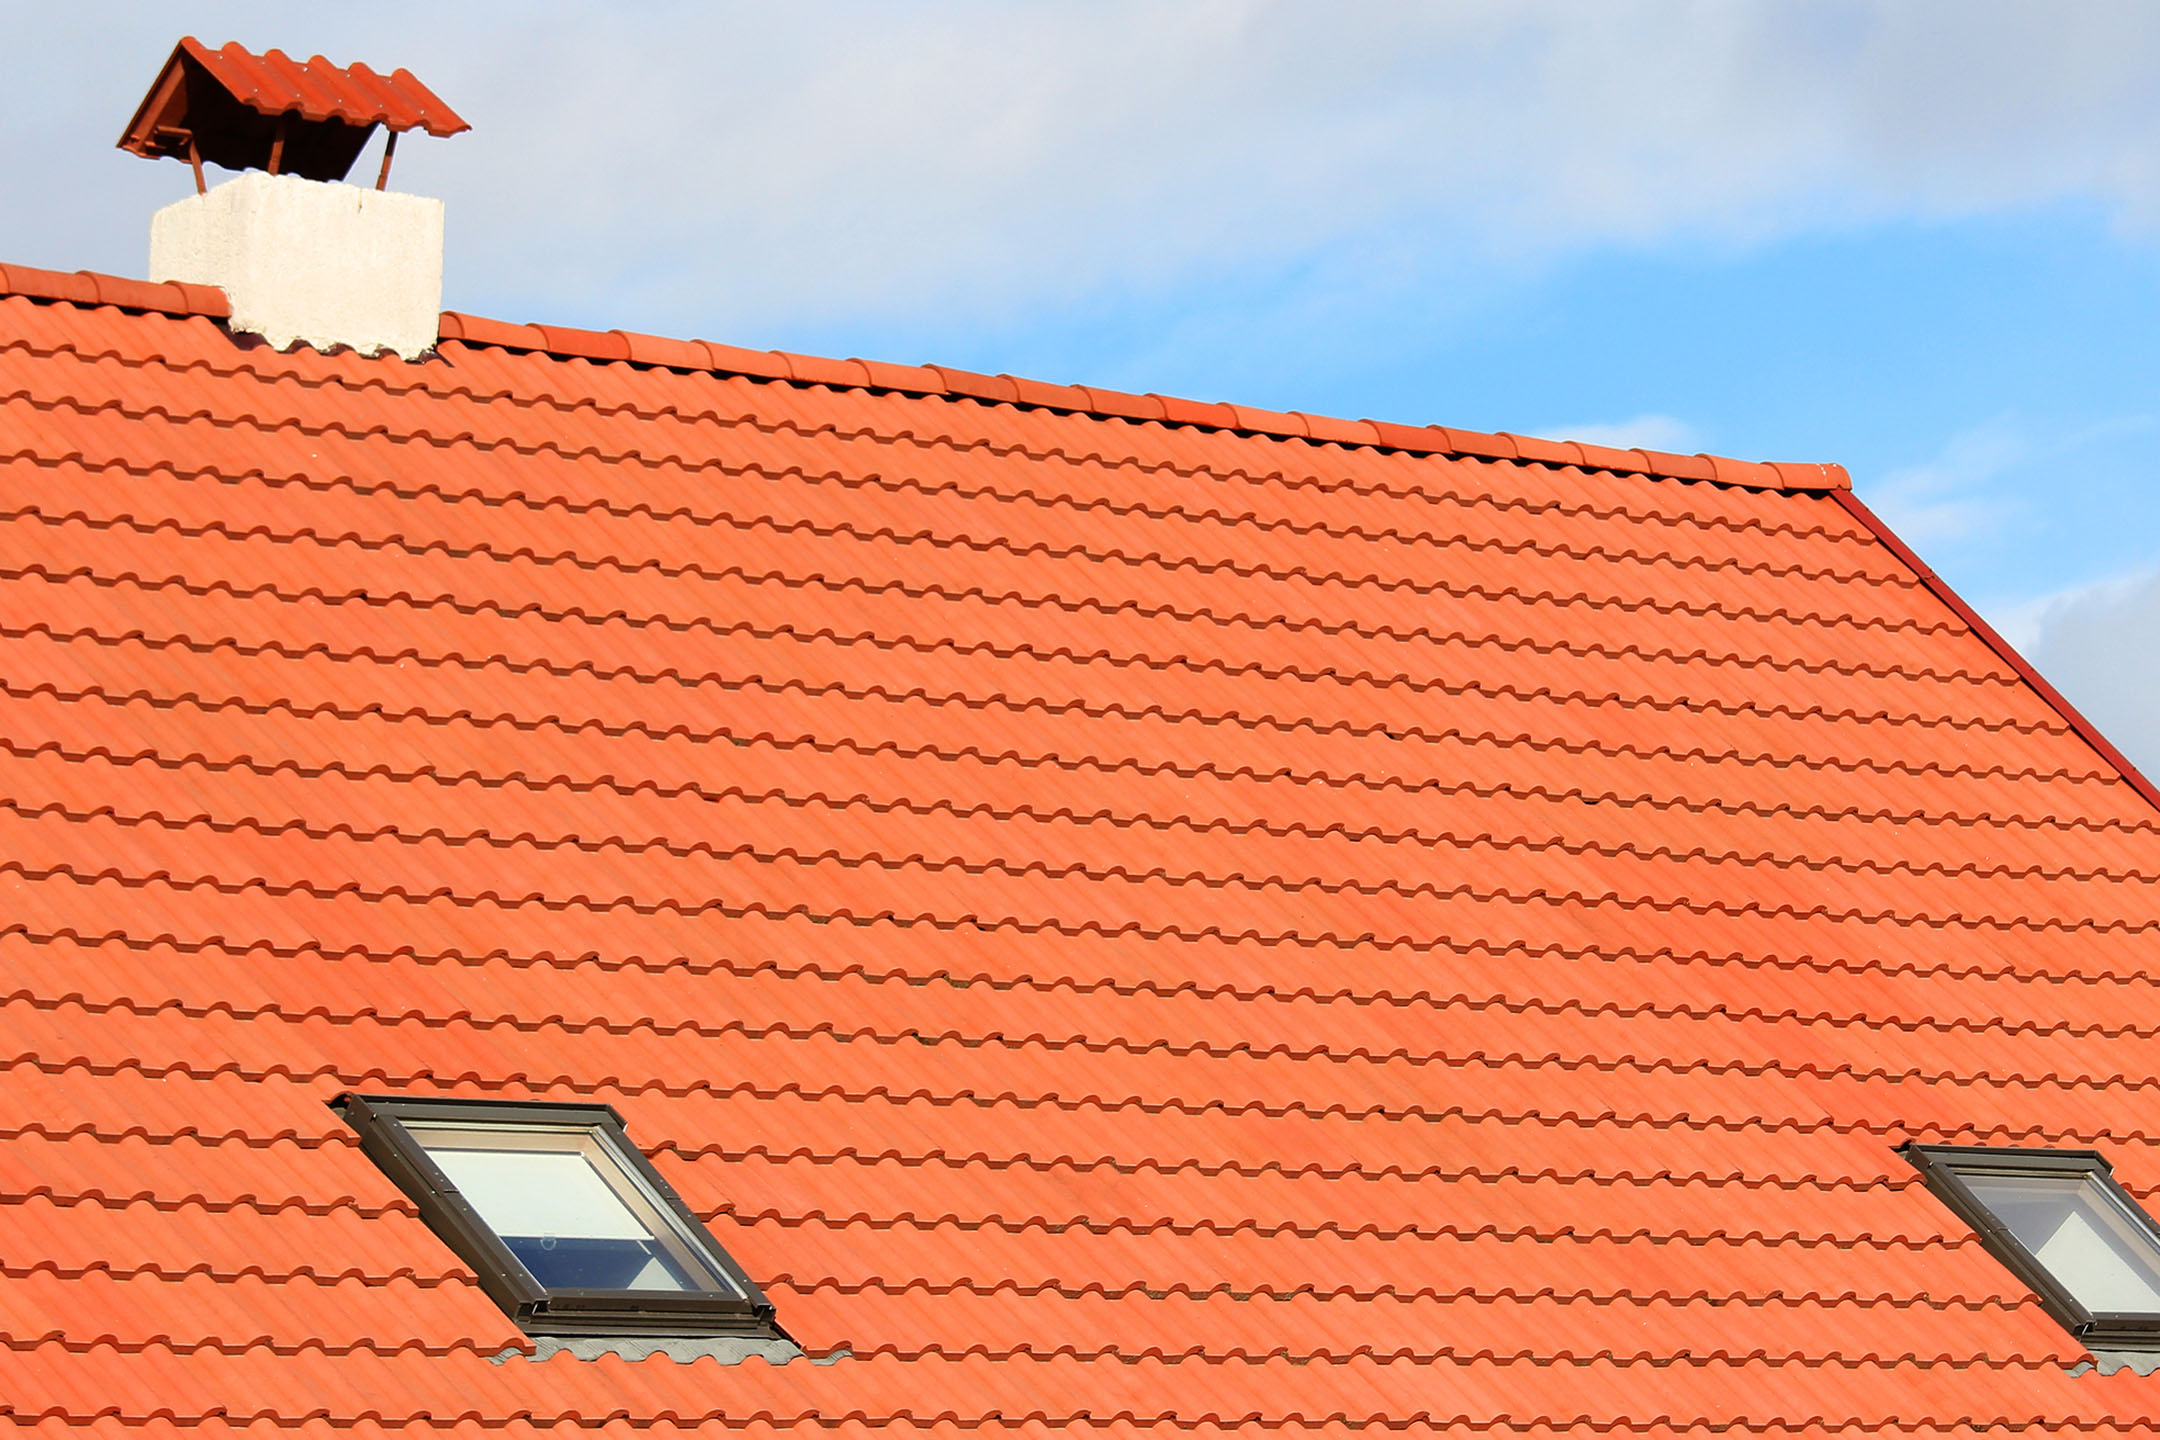 dach na dom jednorodzinny